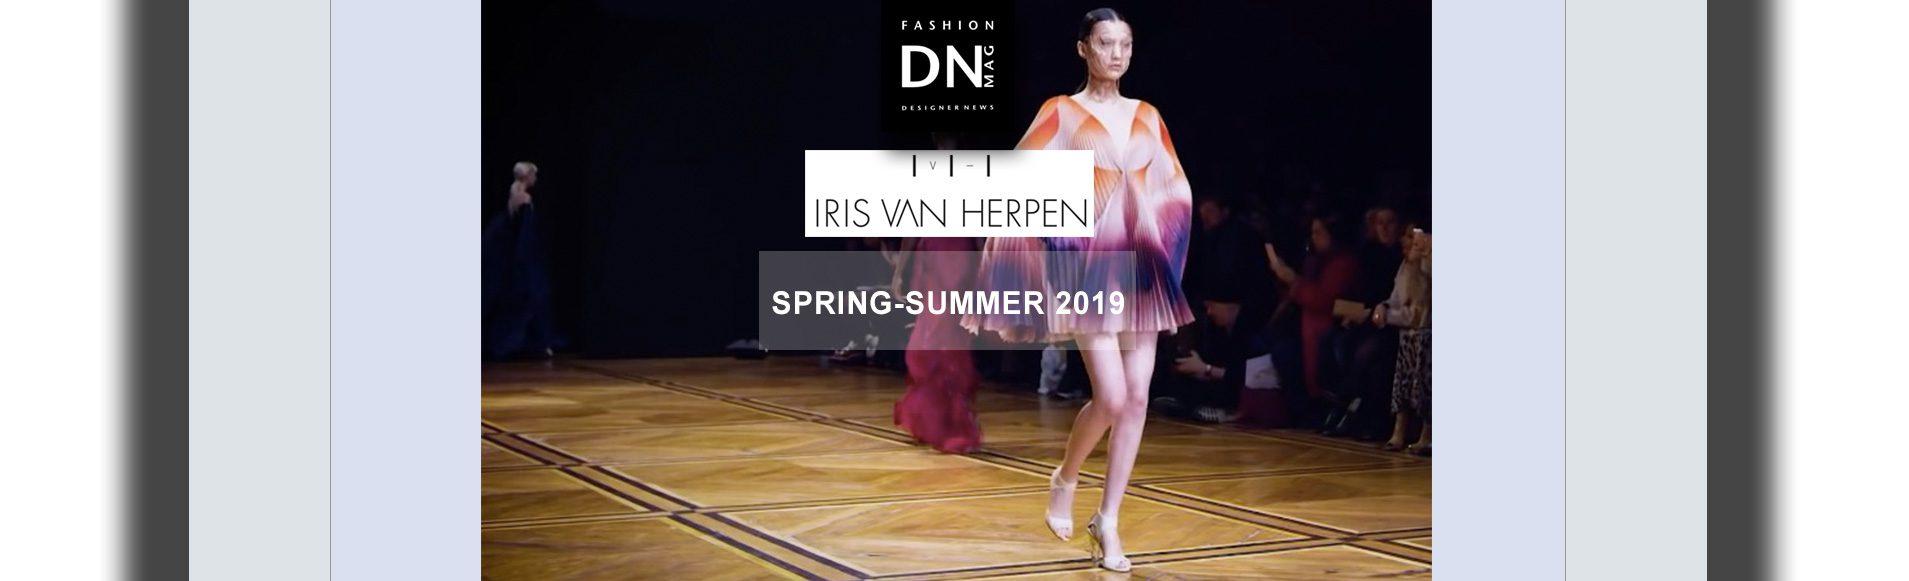 DNMAG-IRIS-VAN-HERPEN-SS19